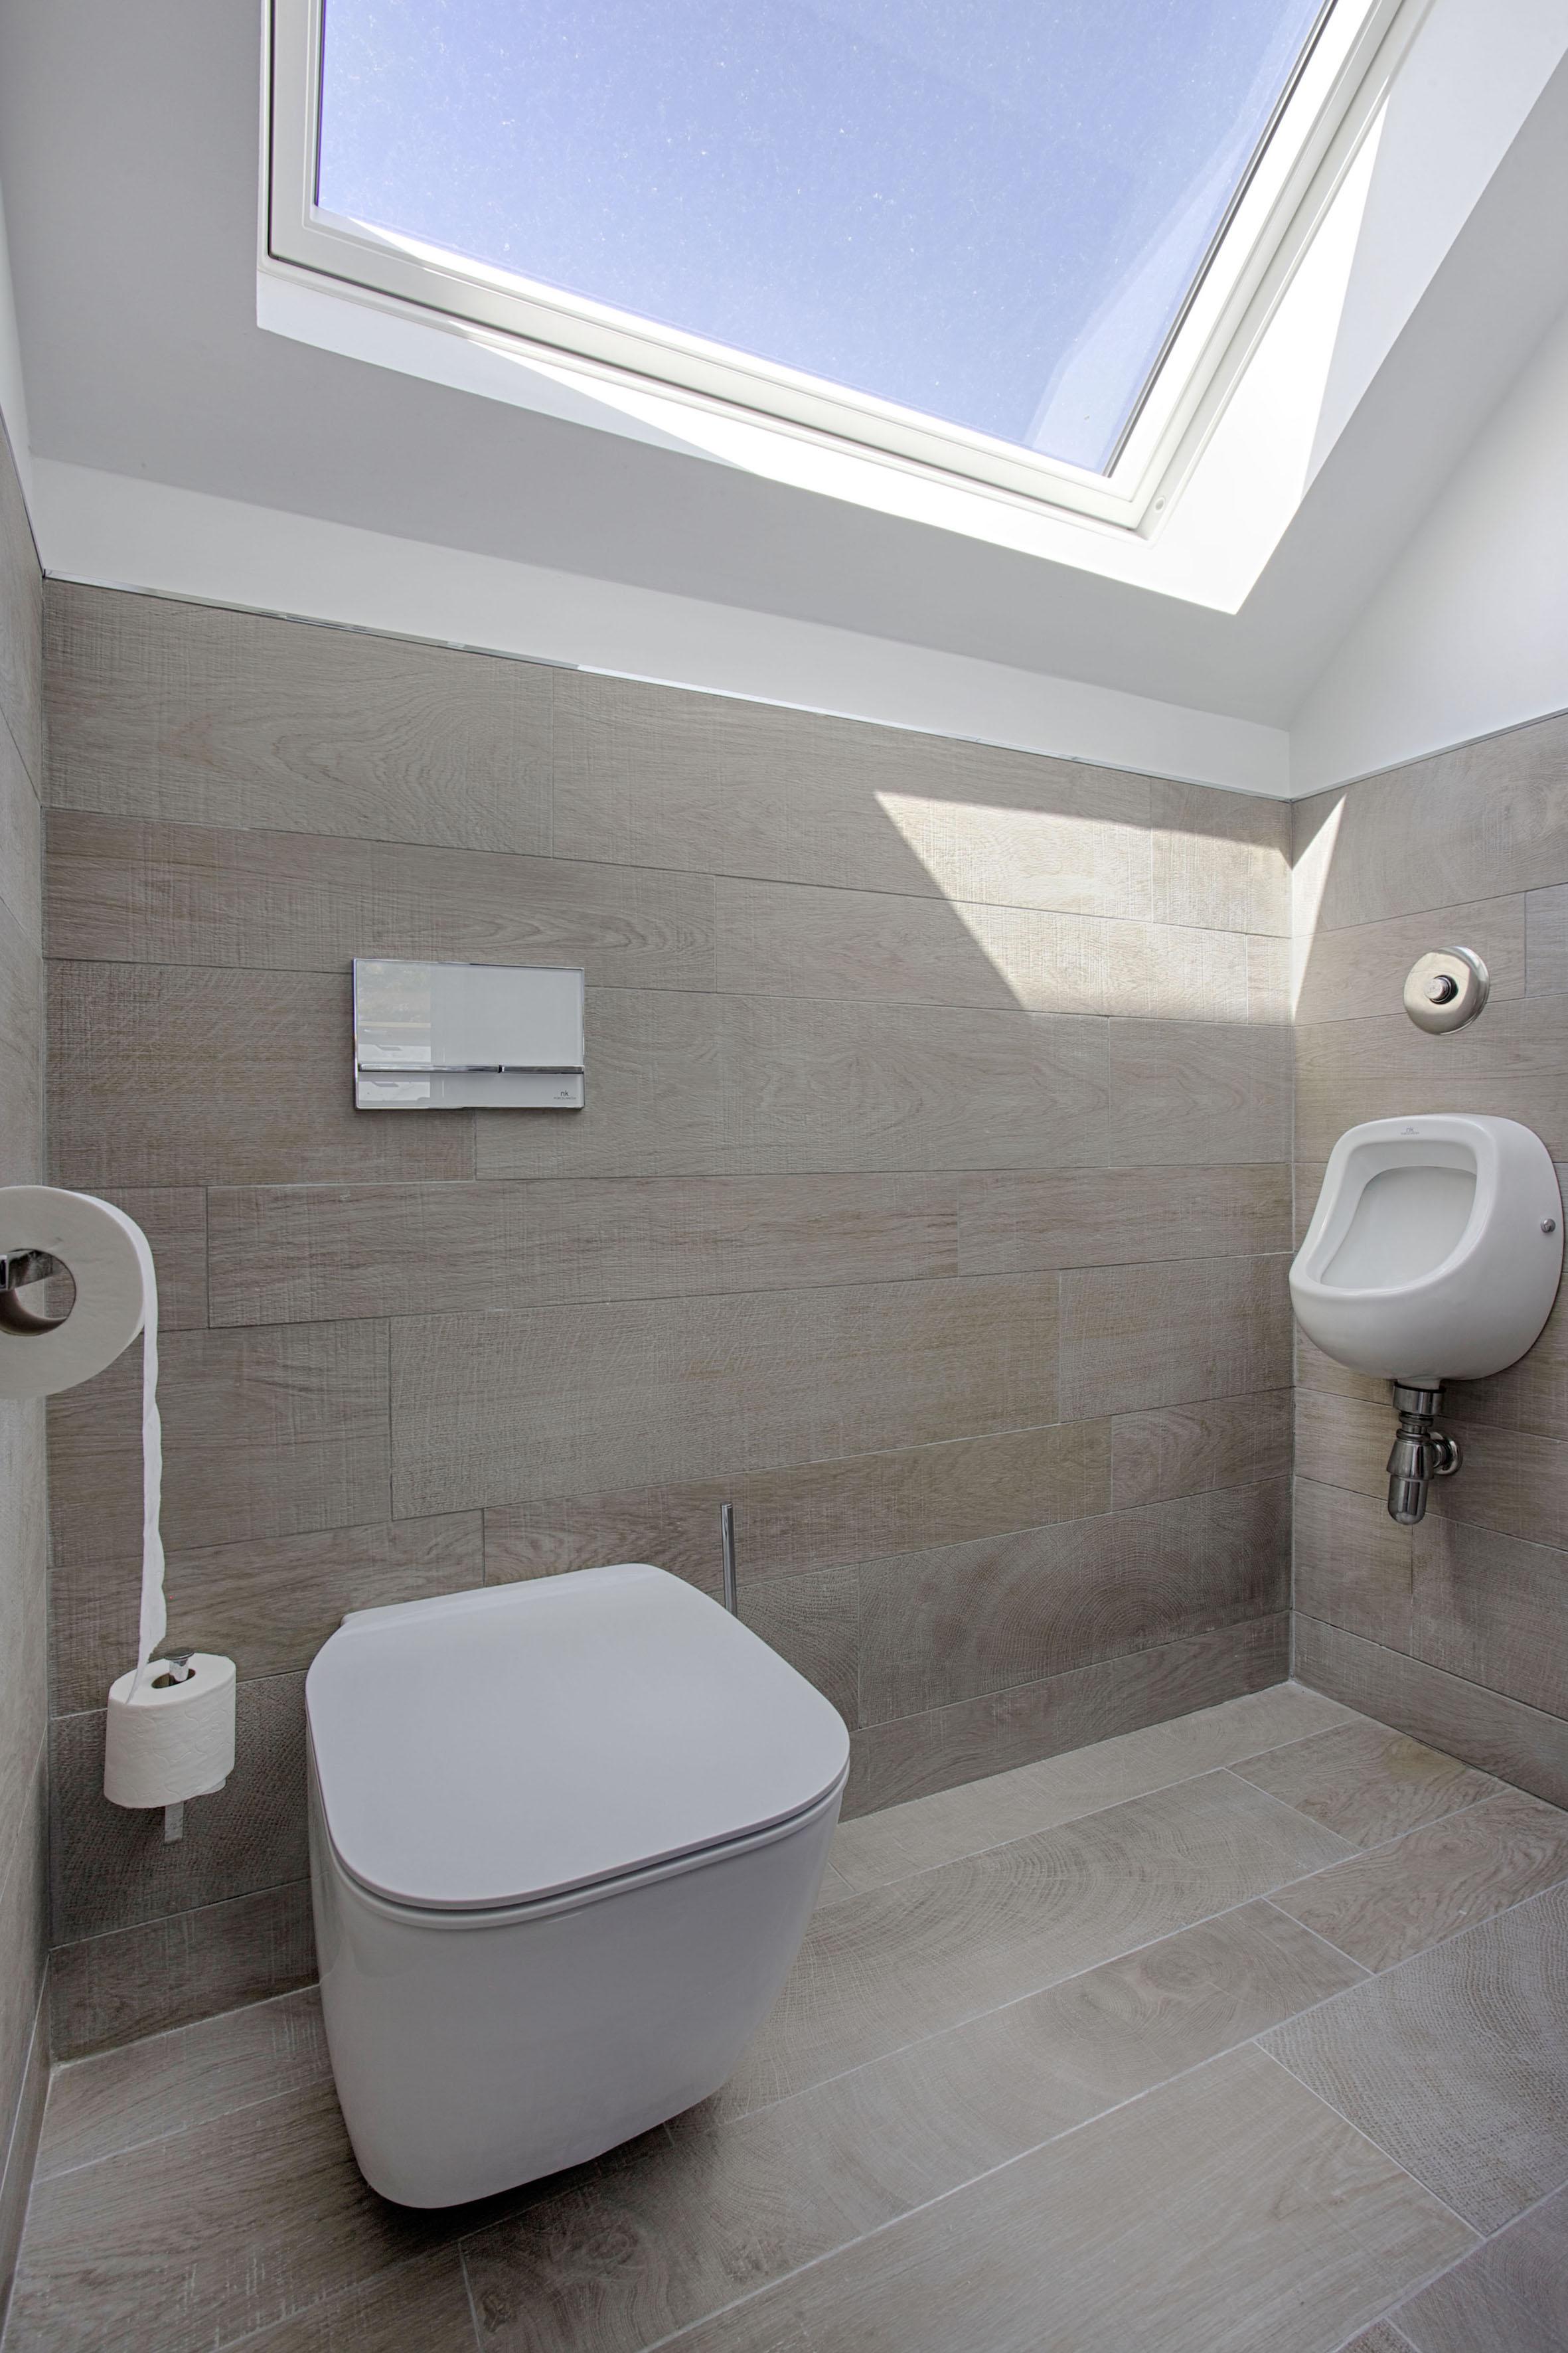 Toilette moderne Porcelanosa par Peggy Guezello 1001 idées